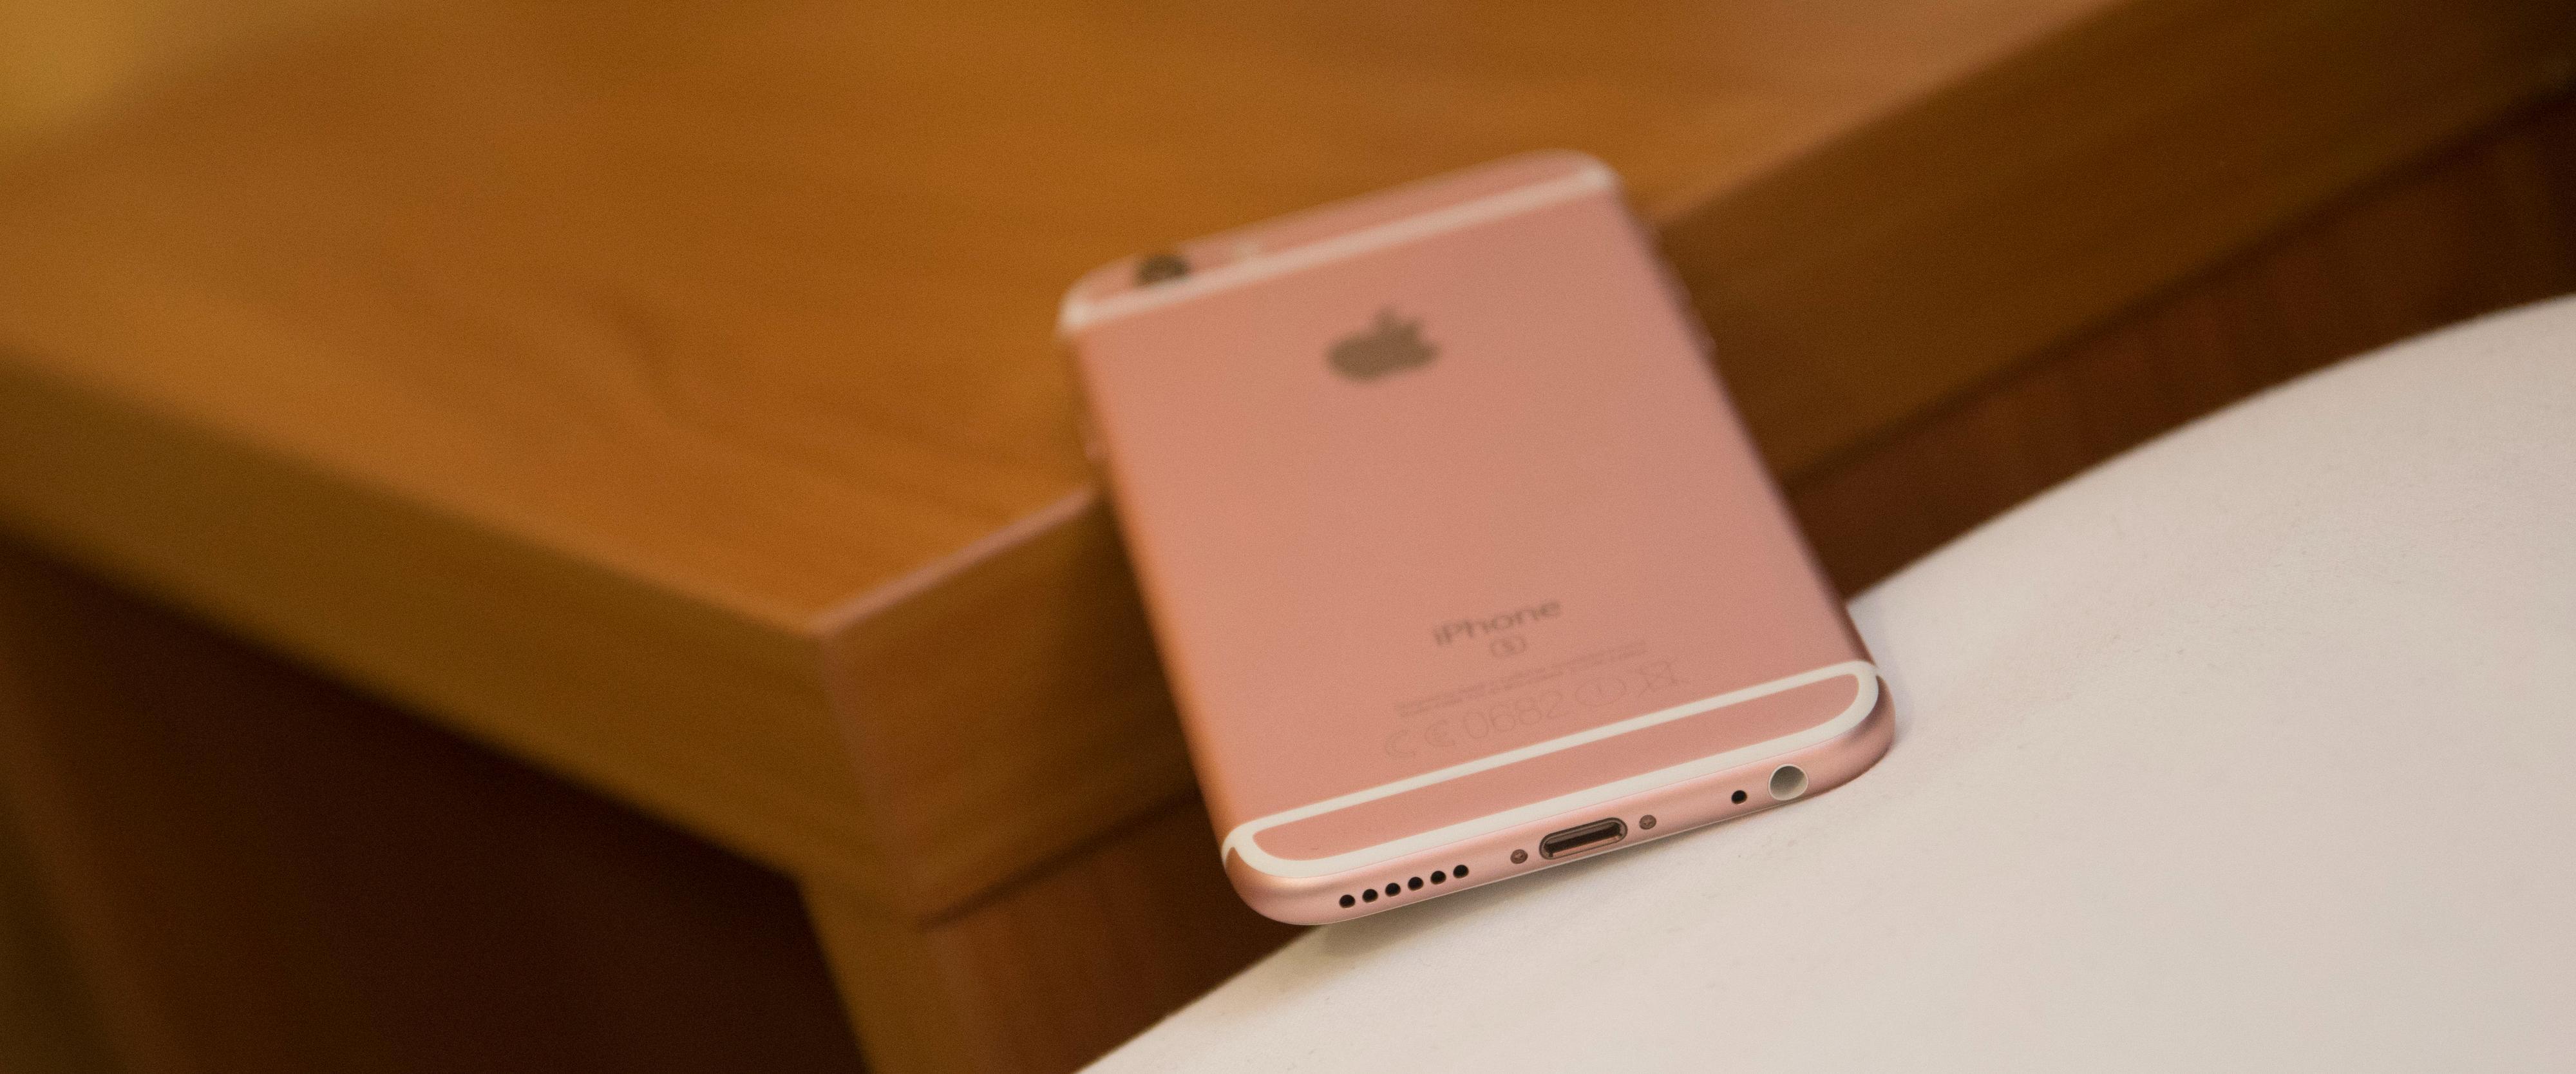 Konkurrerende telefoner er i ferd med å gå over til nye USB type C. Apple holder fremdeles på sin Lightning-plugg som kan settes inn «begge veier». Foto: Finn Jarle Kvalheim, Tek.no